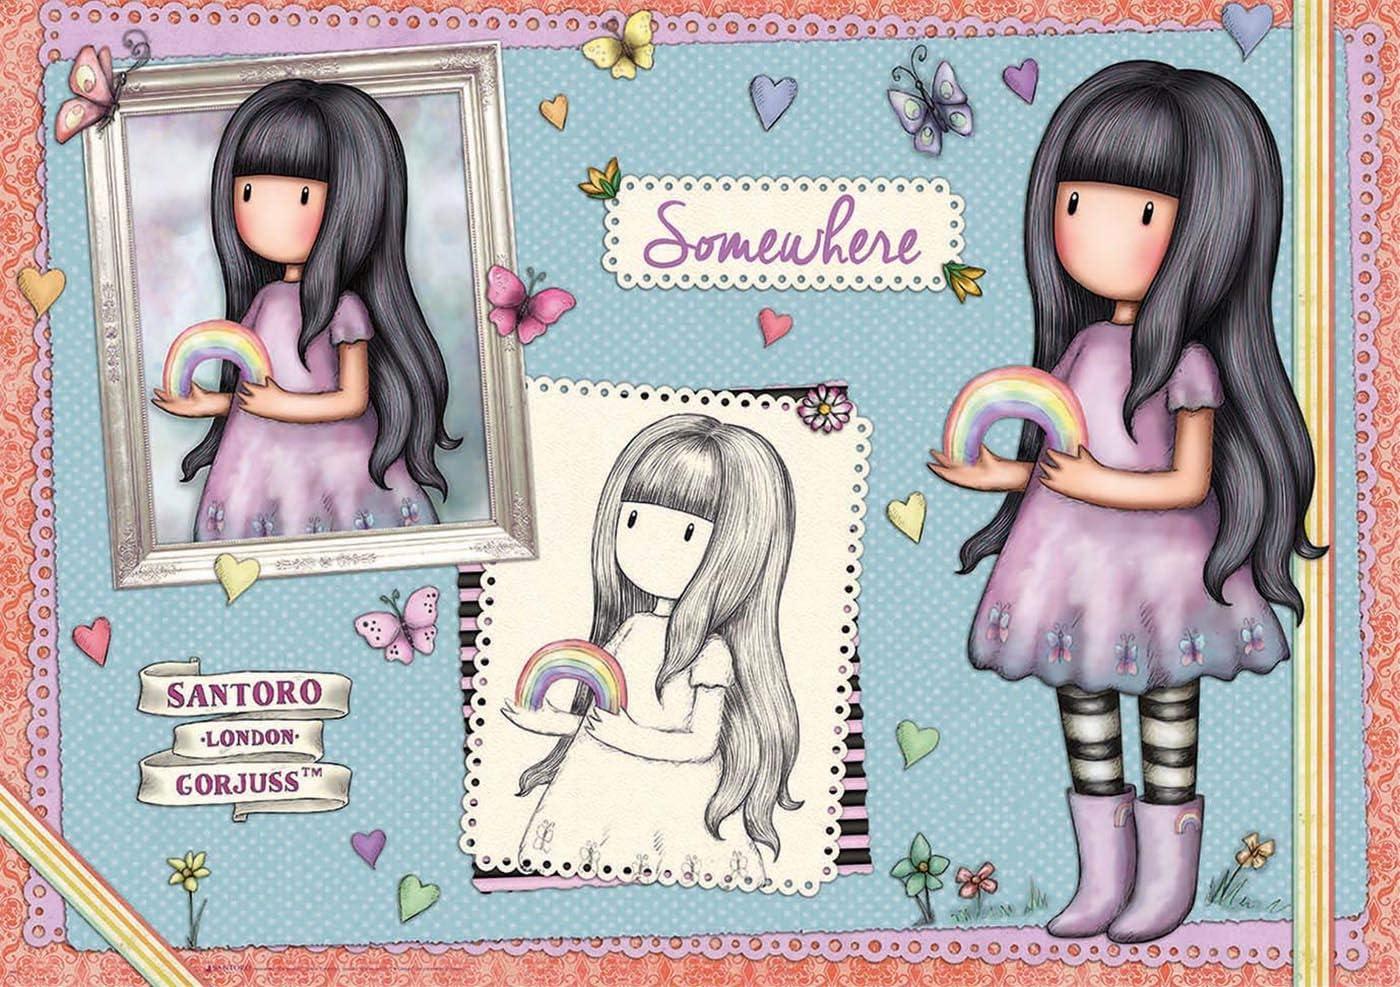 Educa Borras - Serie Santoro Gorjuss, Puzzle 1.000 piezas Somewhere: Amazon.es: Juguetes y juegos